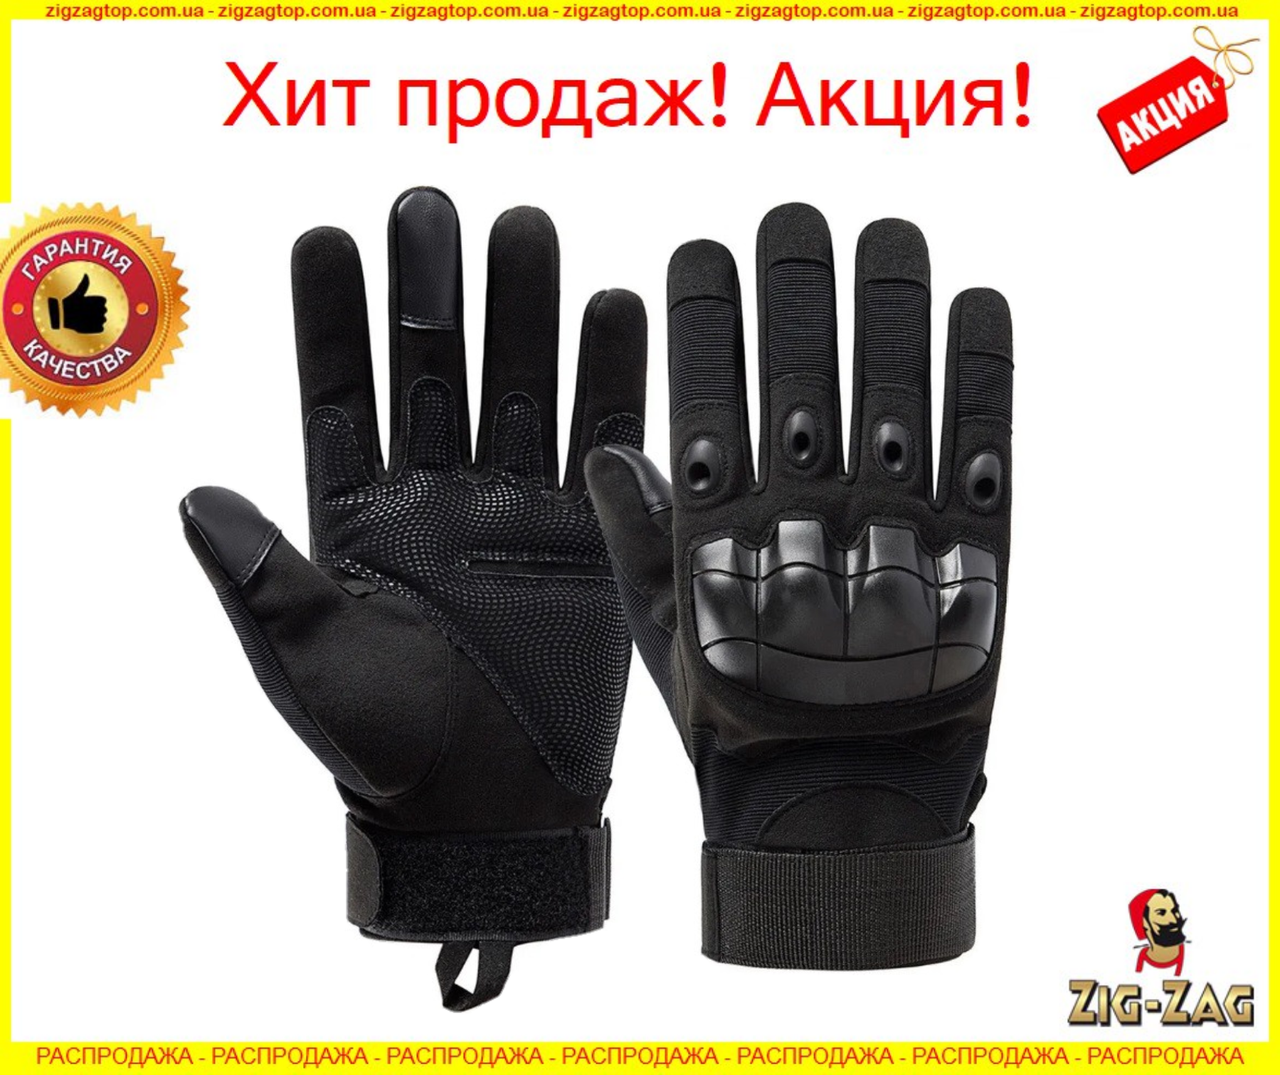 Рукавички штурмові тактичні Exploring M,L,XL Велоперчатки Мотоперчатки для Мотоцикла з Закритими пальцями